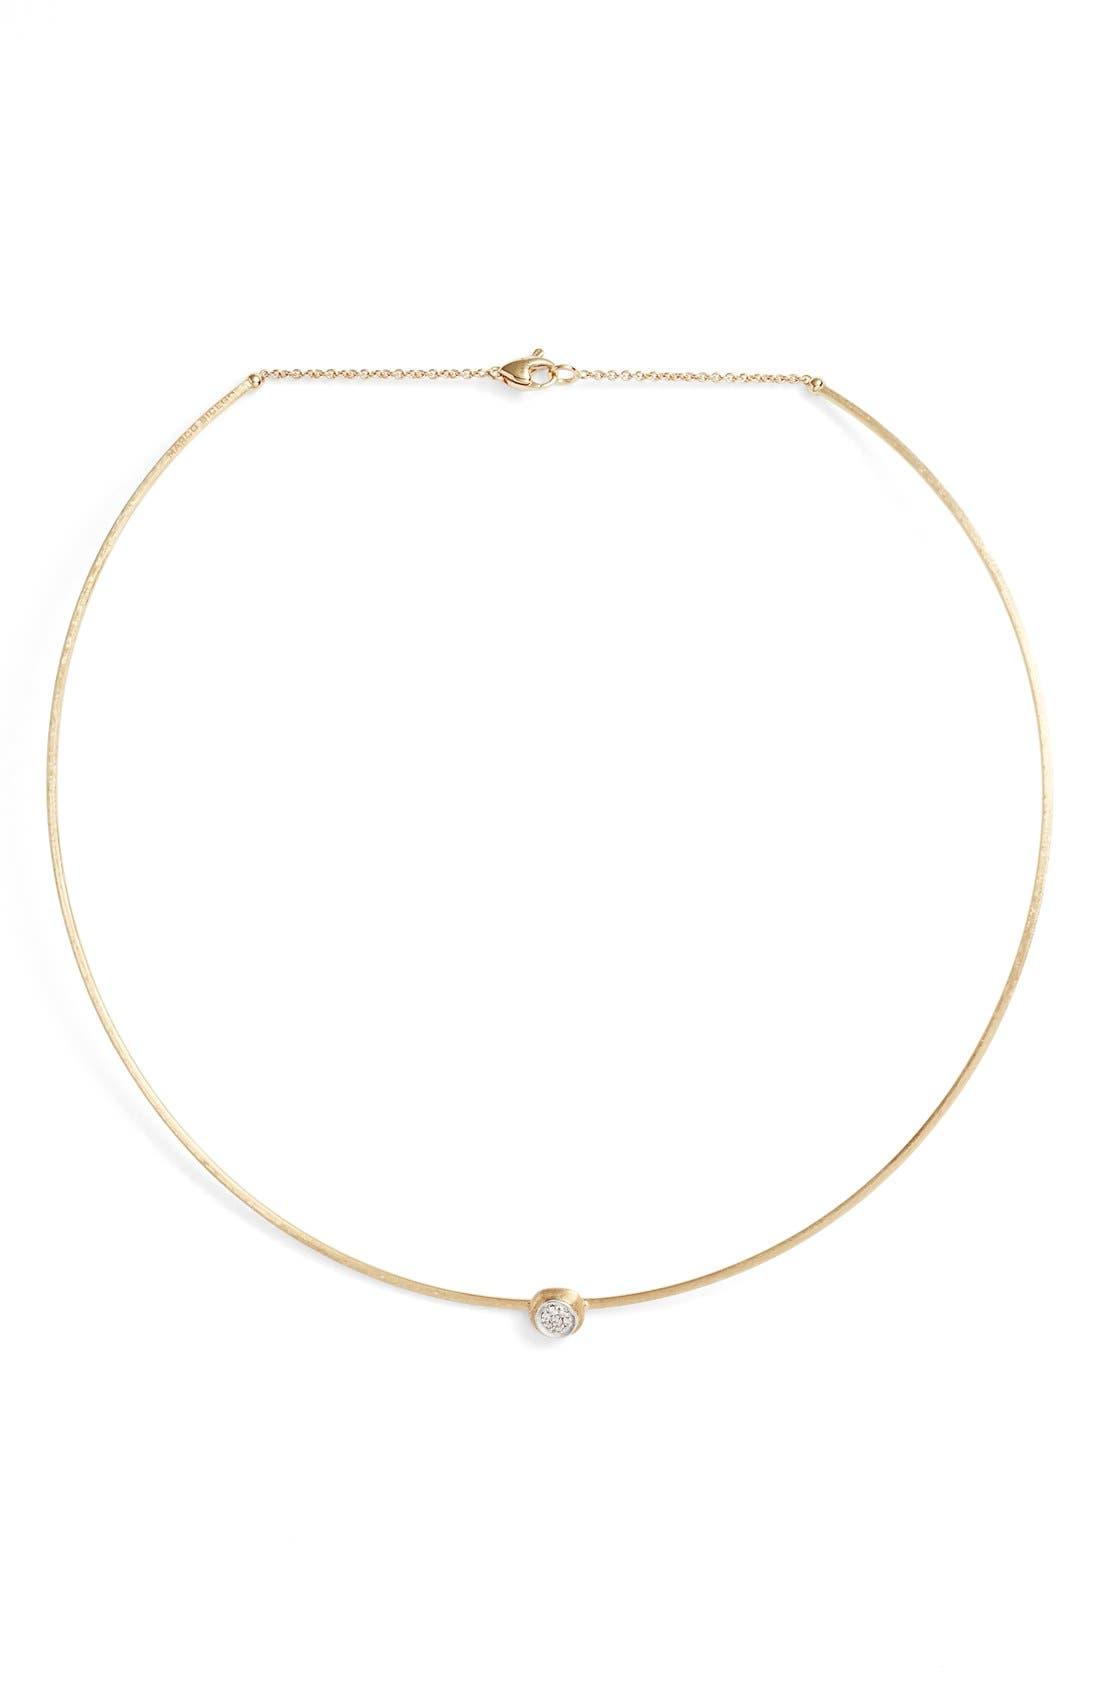 MARCO BICEGO Diamond Collar Necklace